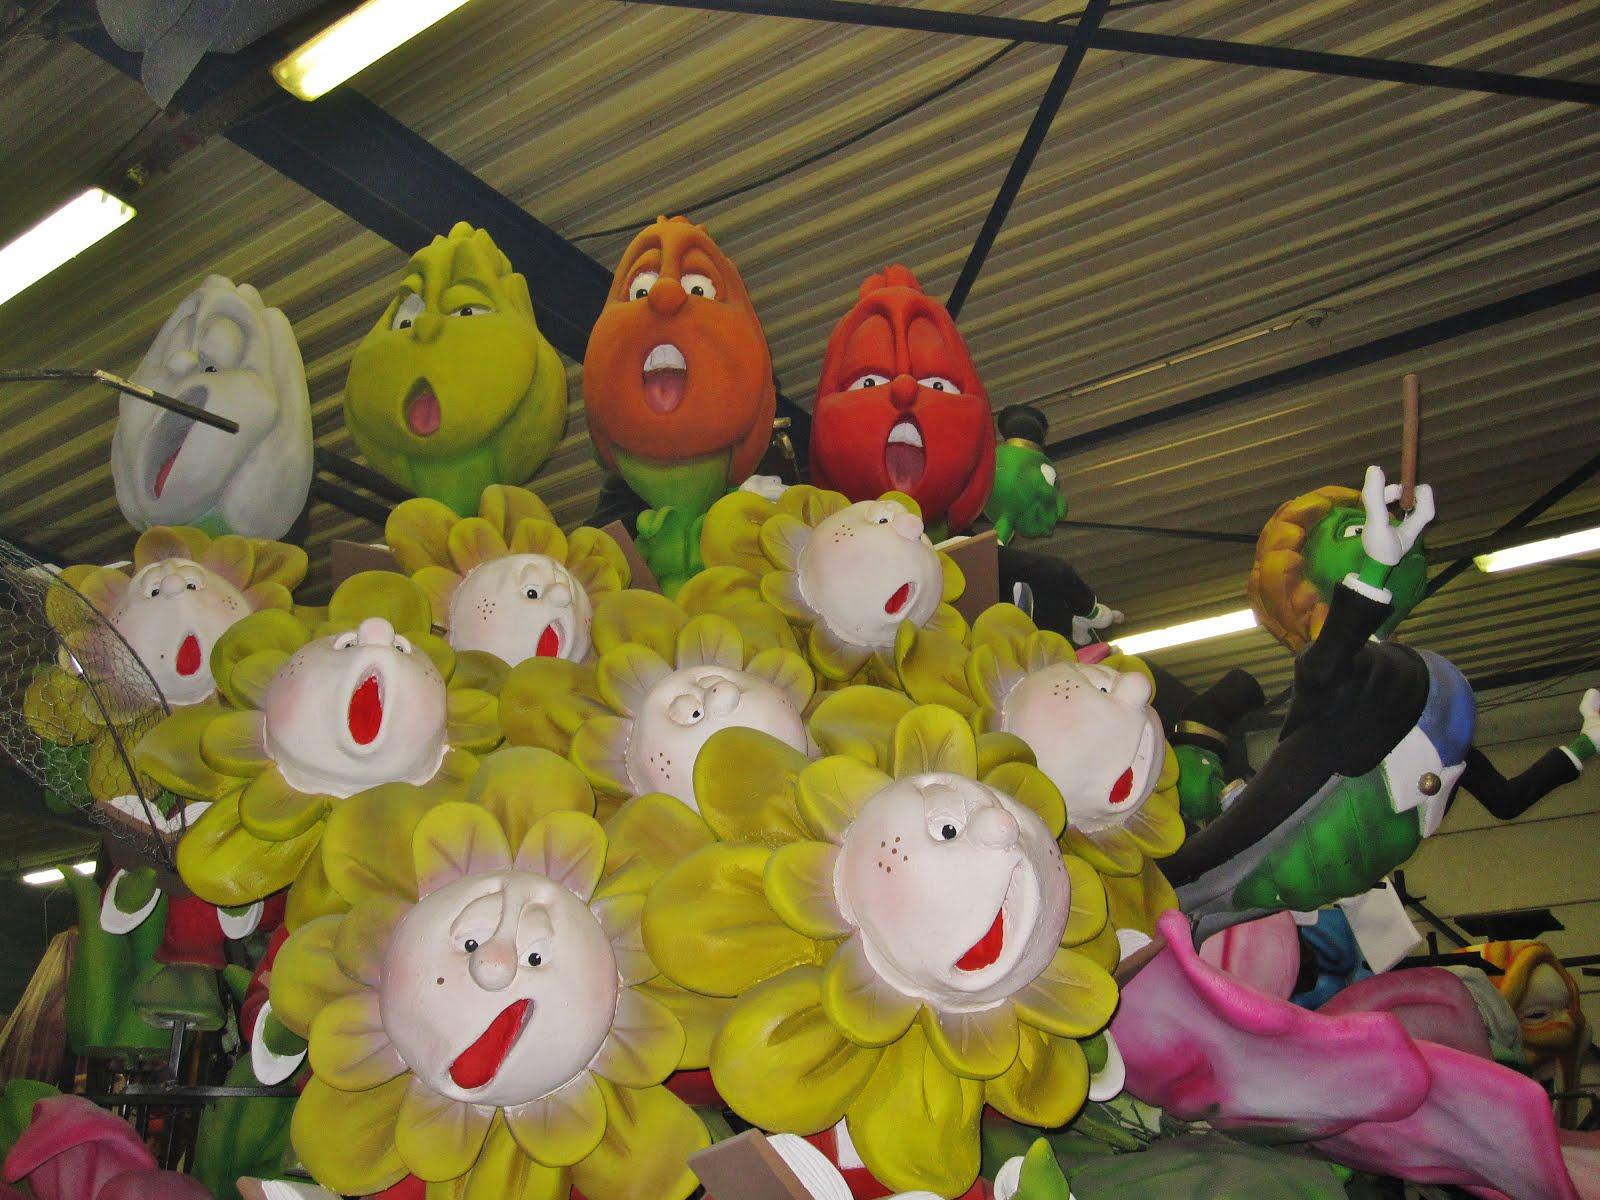 Carnaval aalst foto en videoblog geloeif m goed oilsjt een stad in volle bloei - Schorsing bloei stad ...